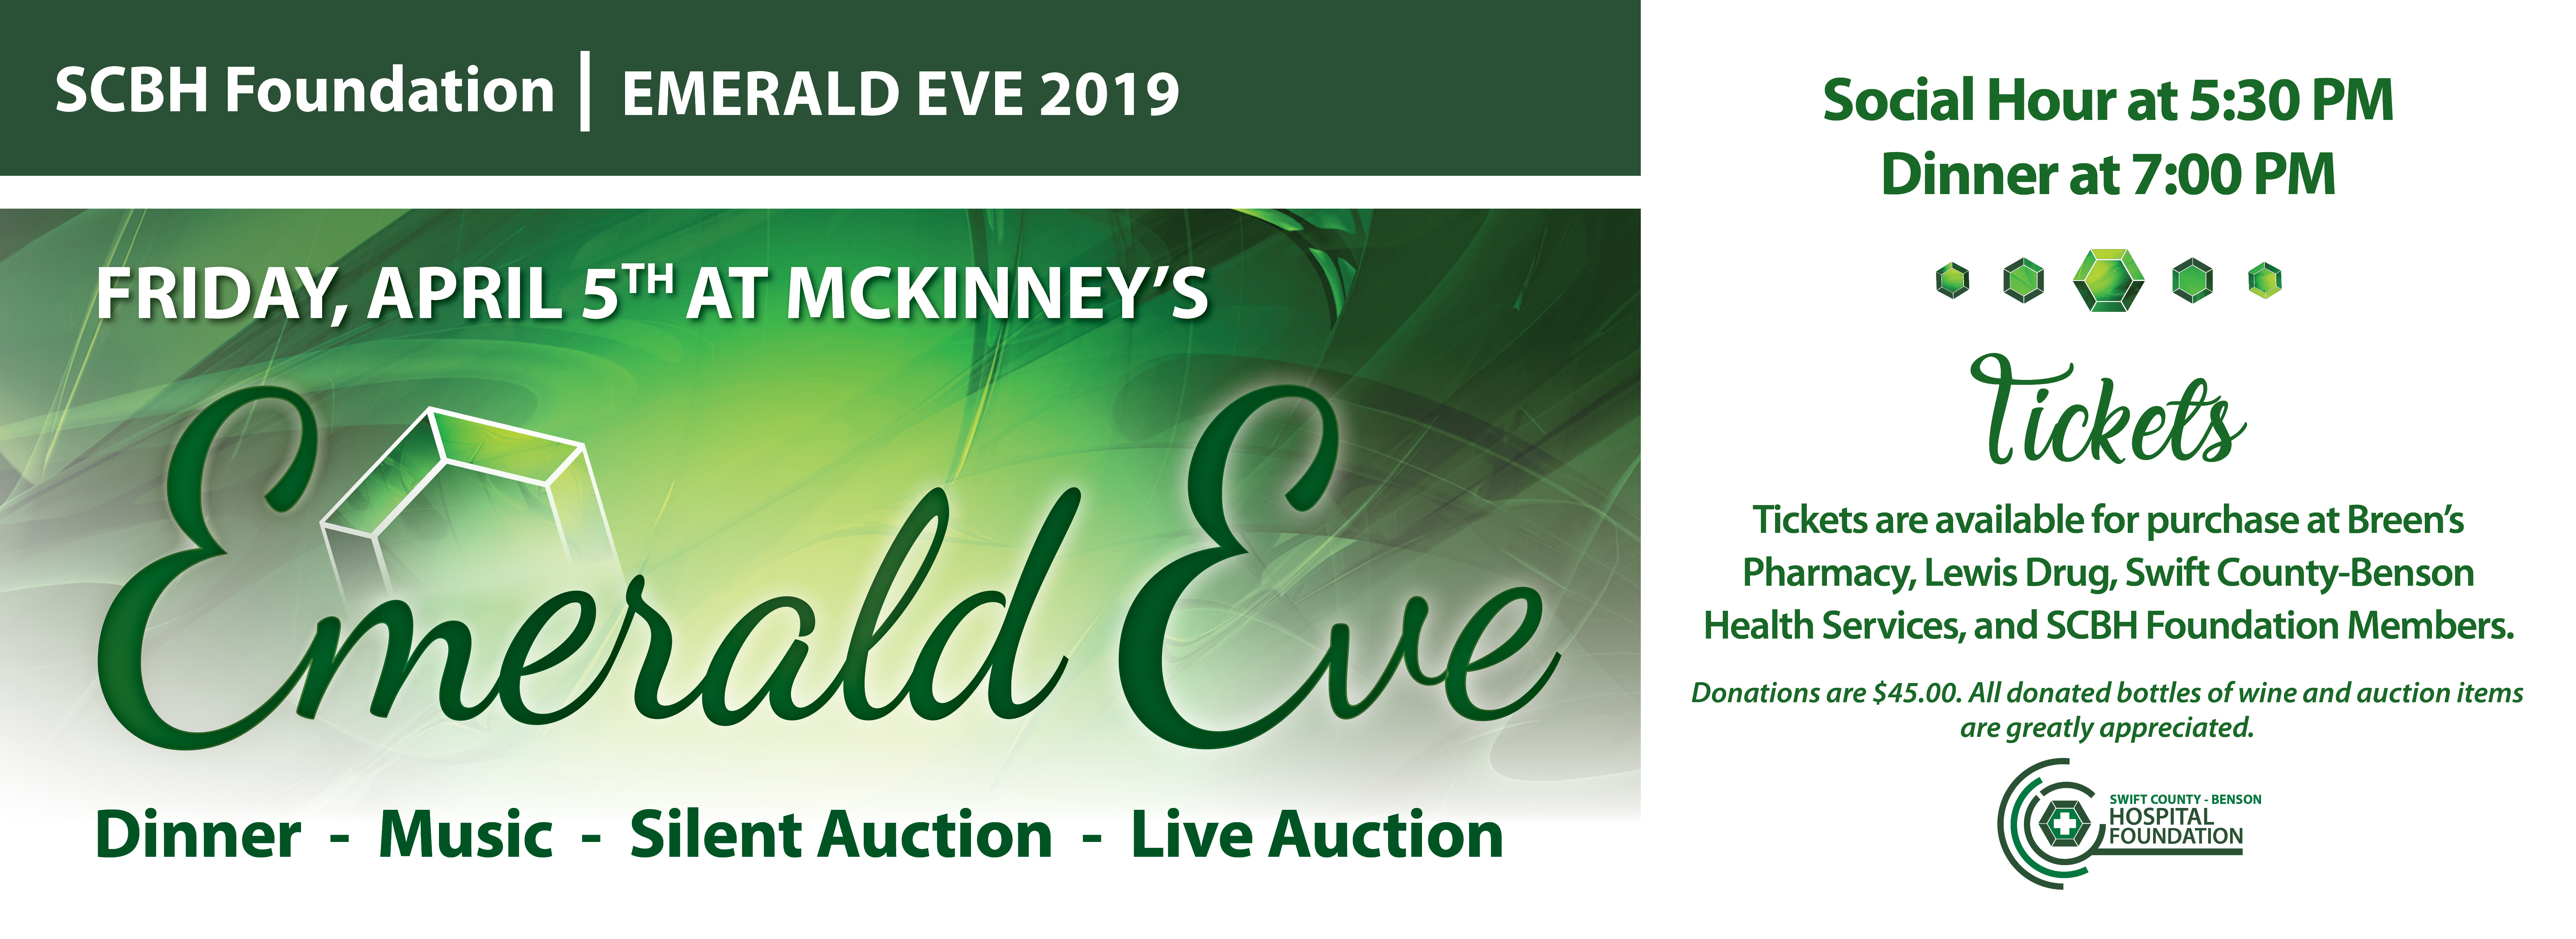 Emerald Eve